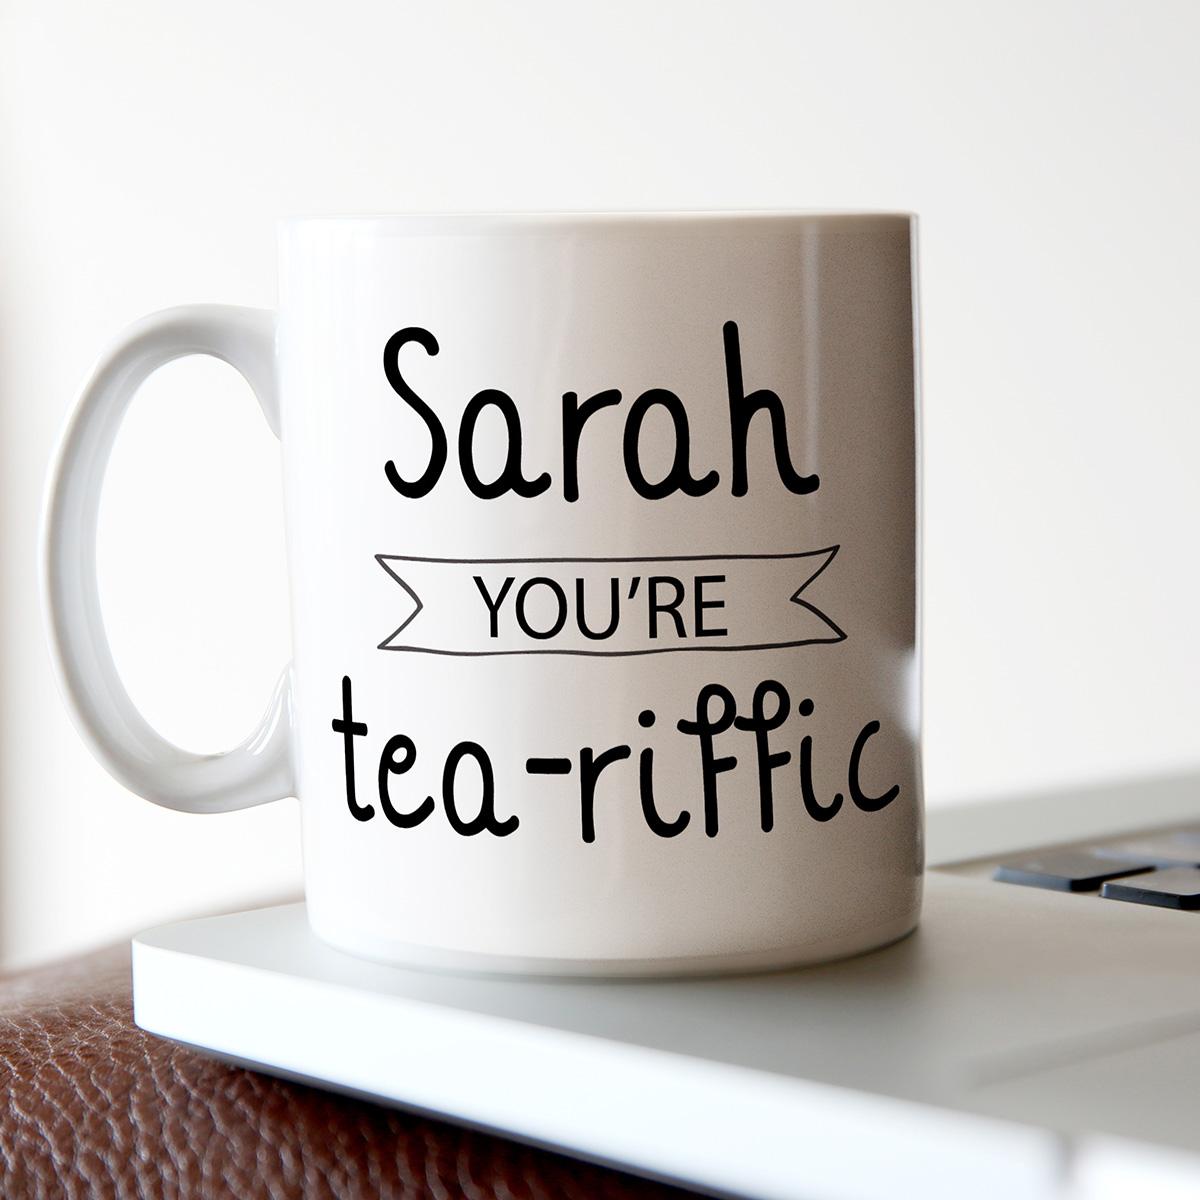 Personalised Mug - Tea-riffic